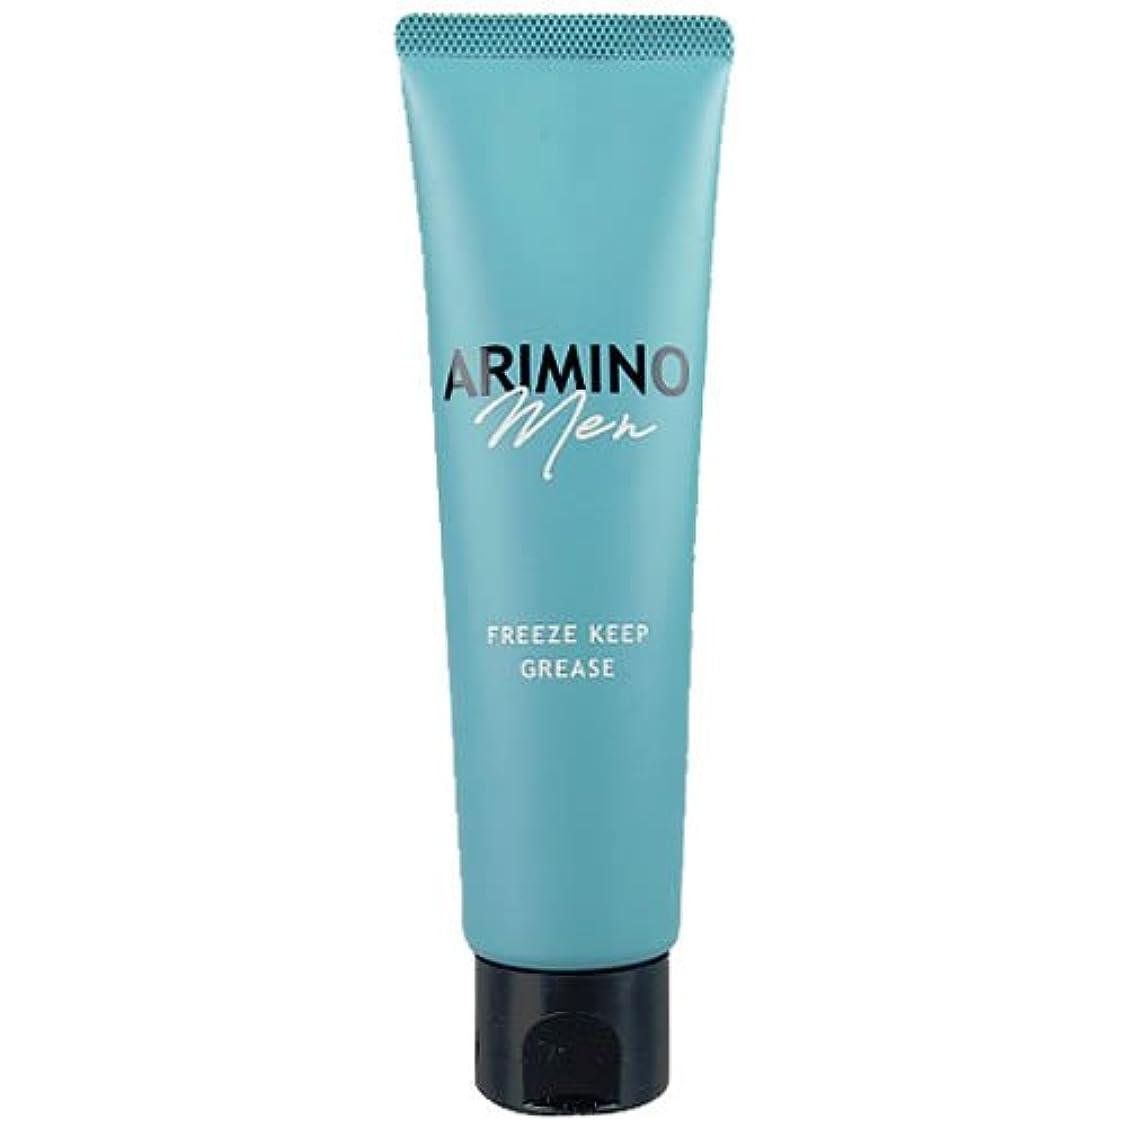 教義追跡清めるアリミノ ARIMINO アリミノ メン フリーズキープ グリース 100g [並行輸入品]